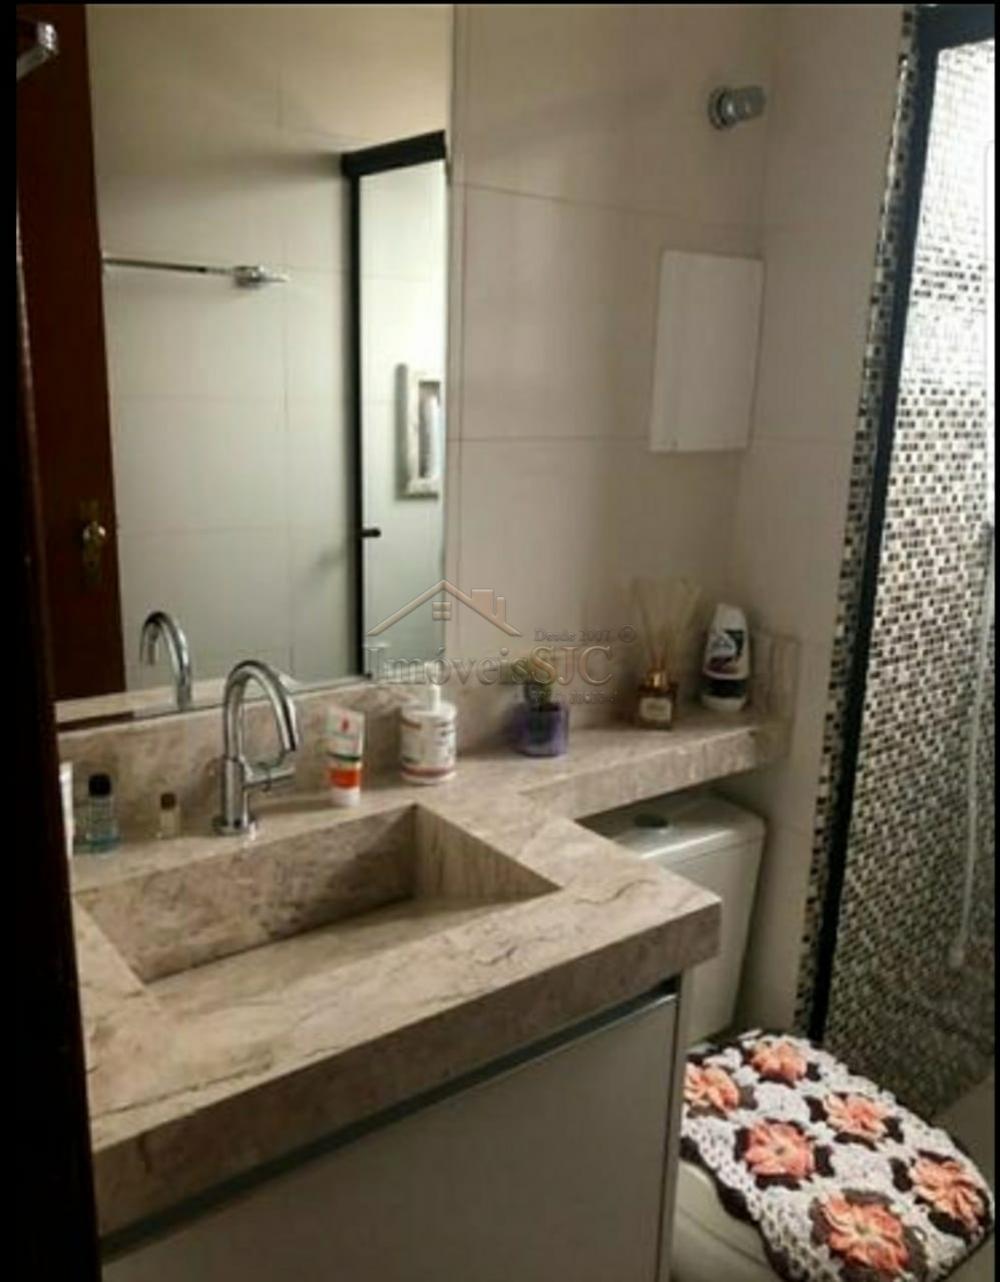 Comprar Apartamentos / Padrão em São José dos Campos apenas R$ 345.000,00 - Foto 6